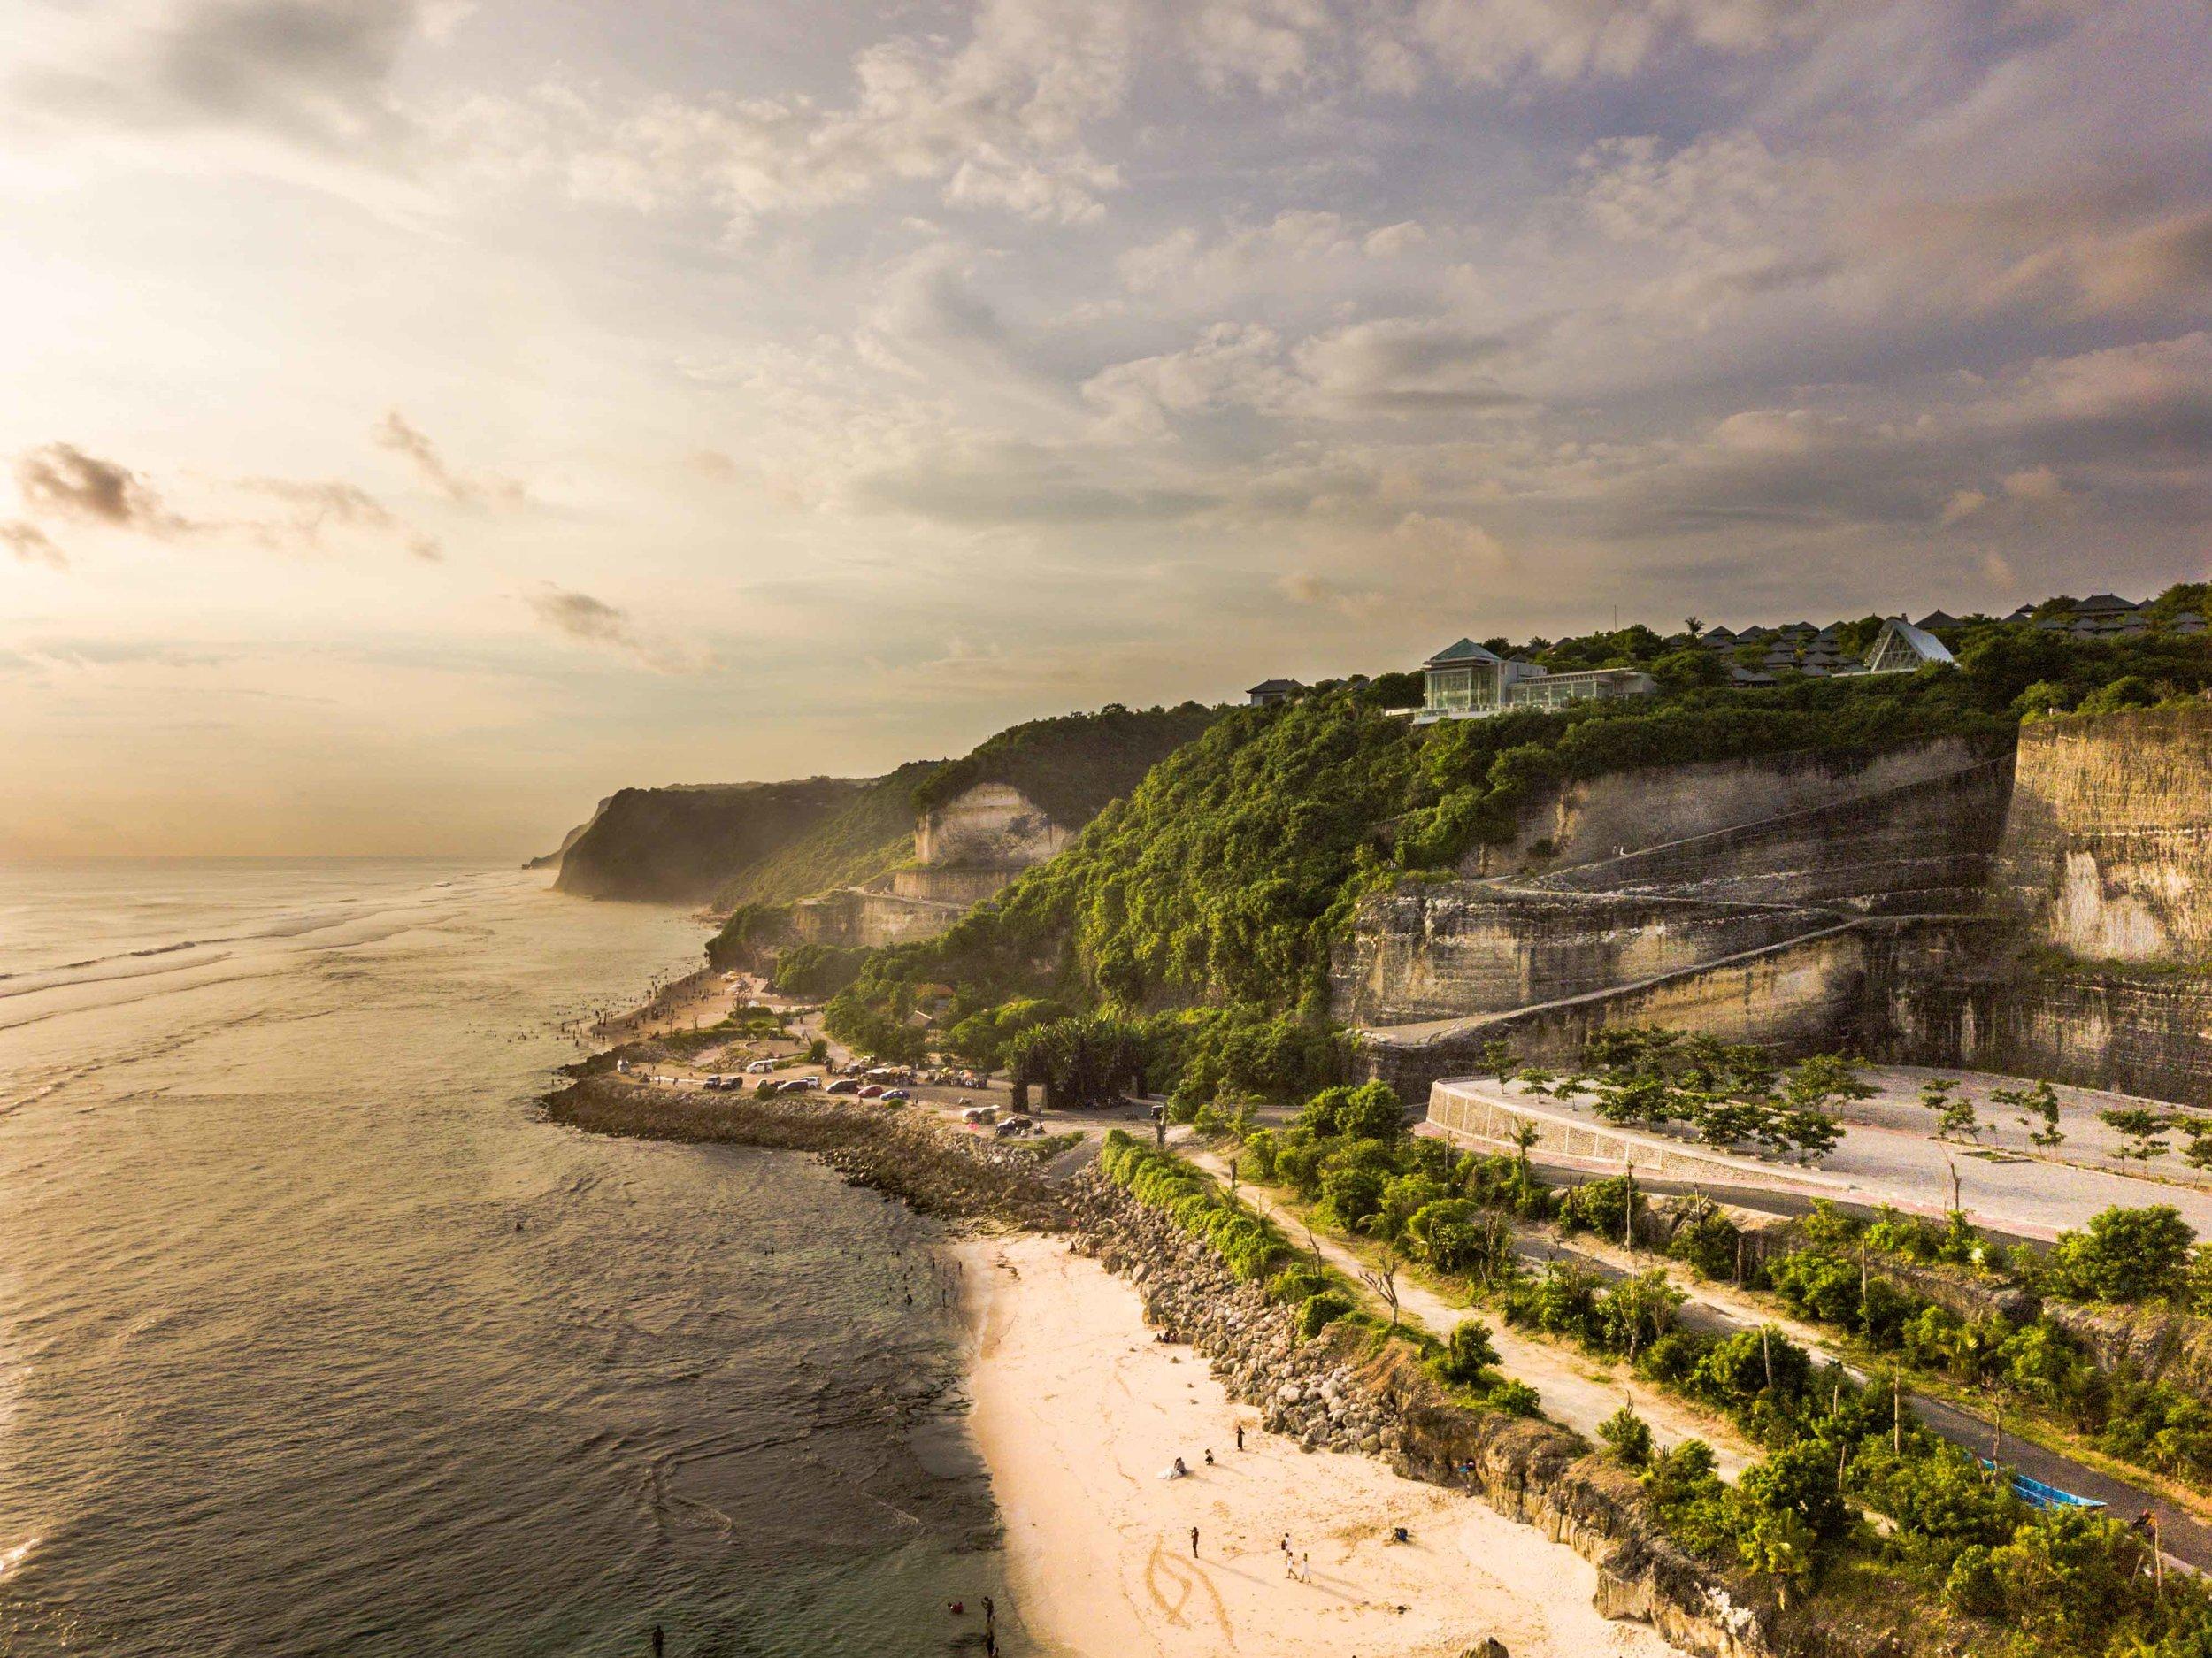 Beach in Bali Drone Photos-097.jpg